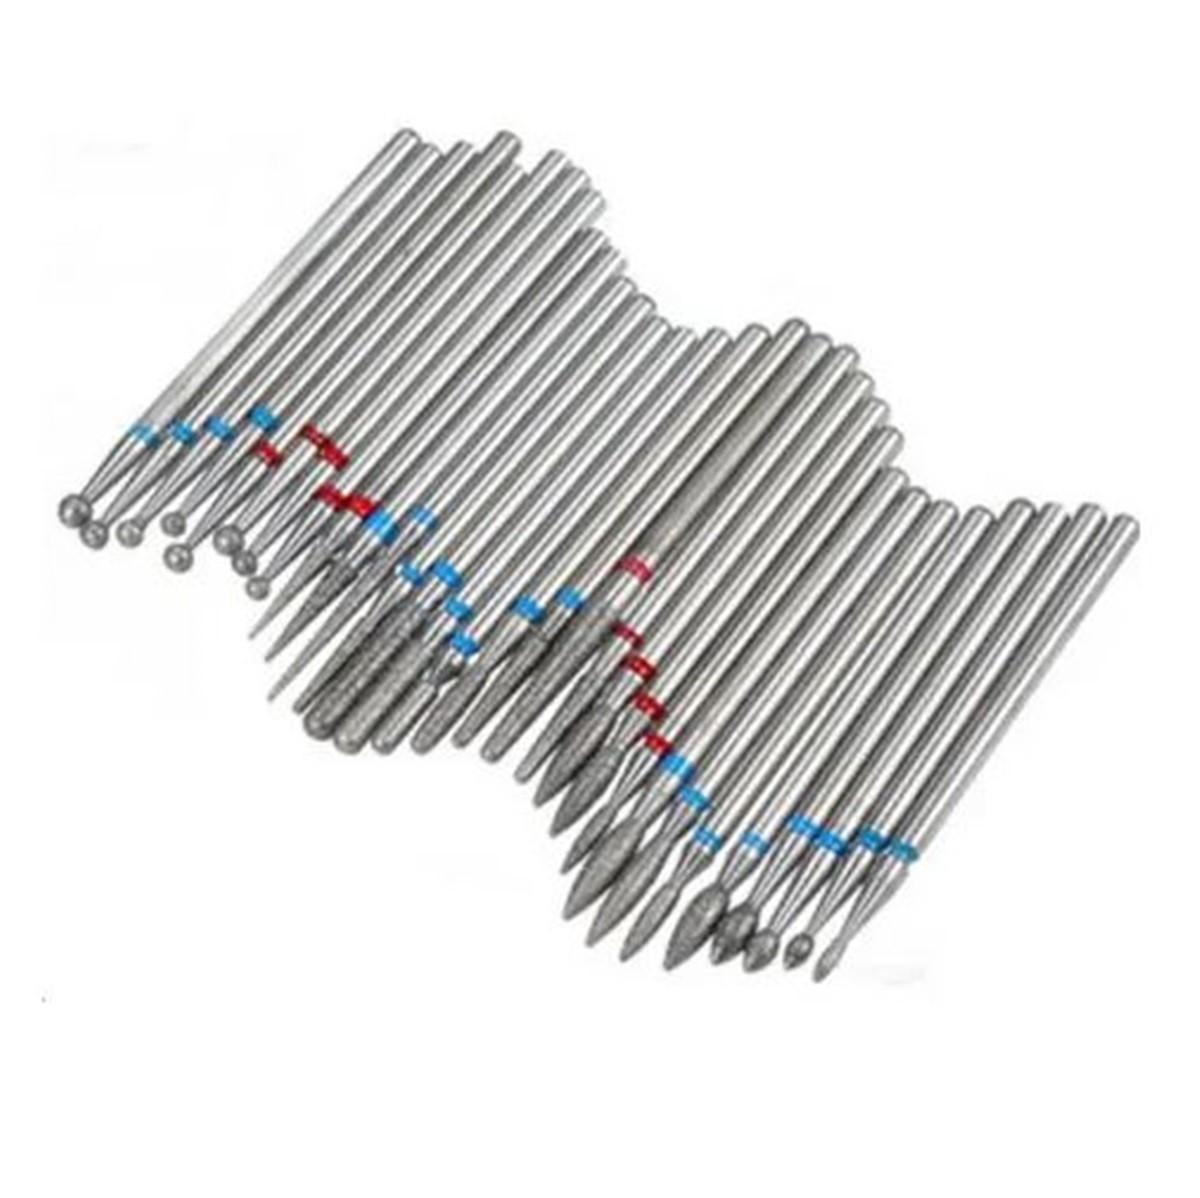 Refil Broca Diamantada Para Lixadeira De Unha C/ 30 Unidades